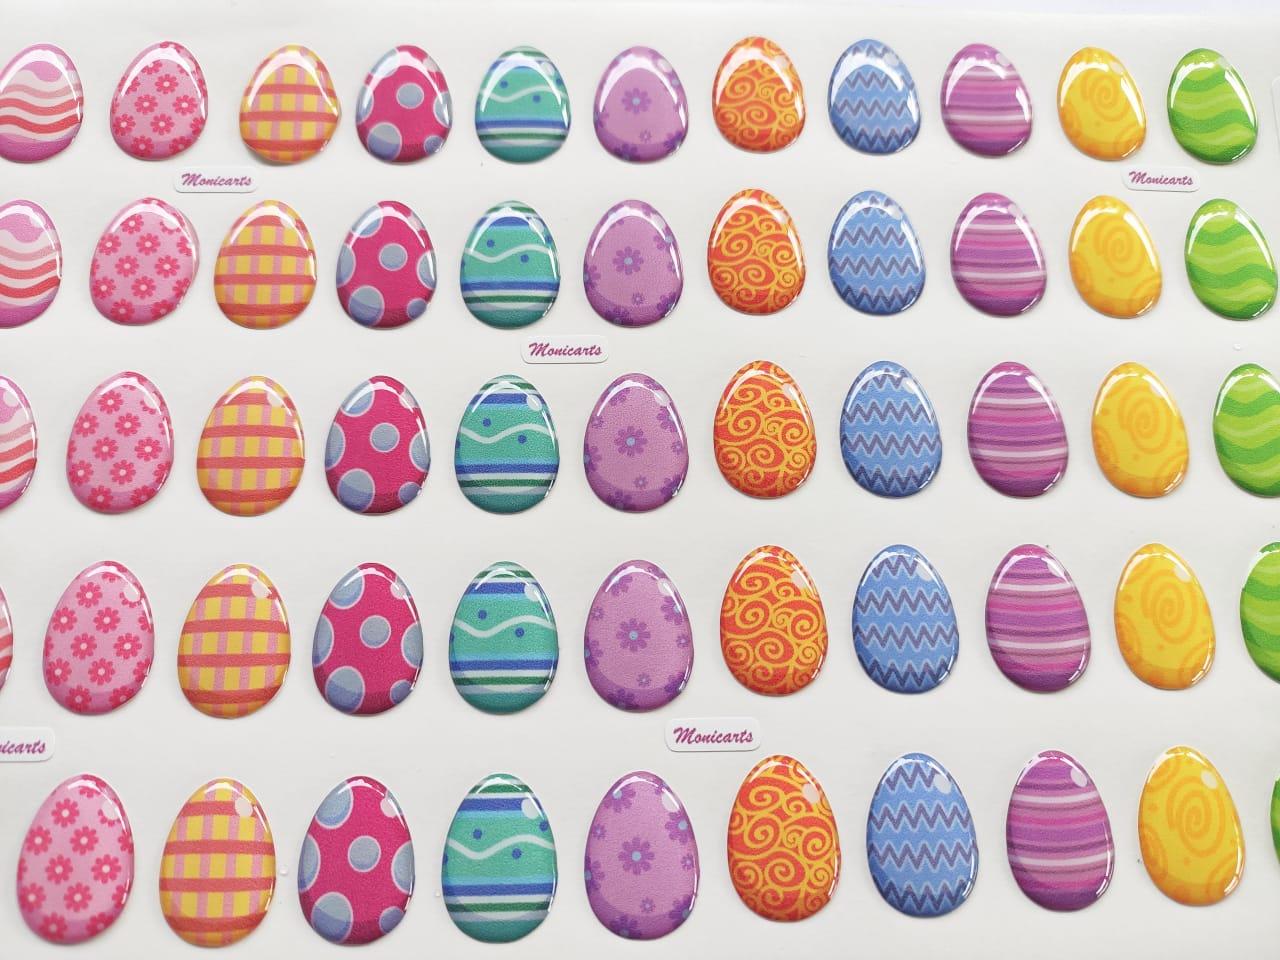 Ovos de Páscoa - Resinado